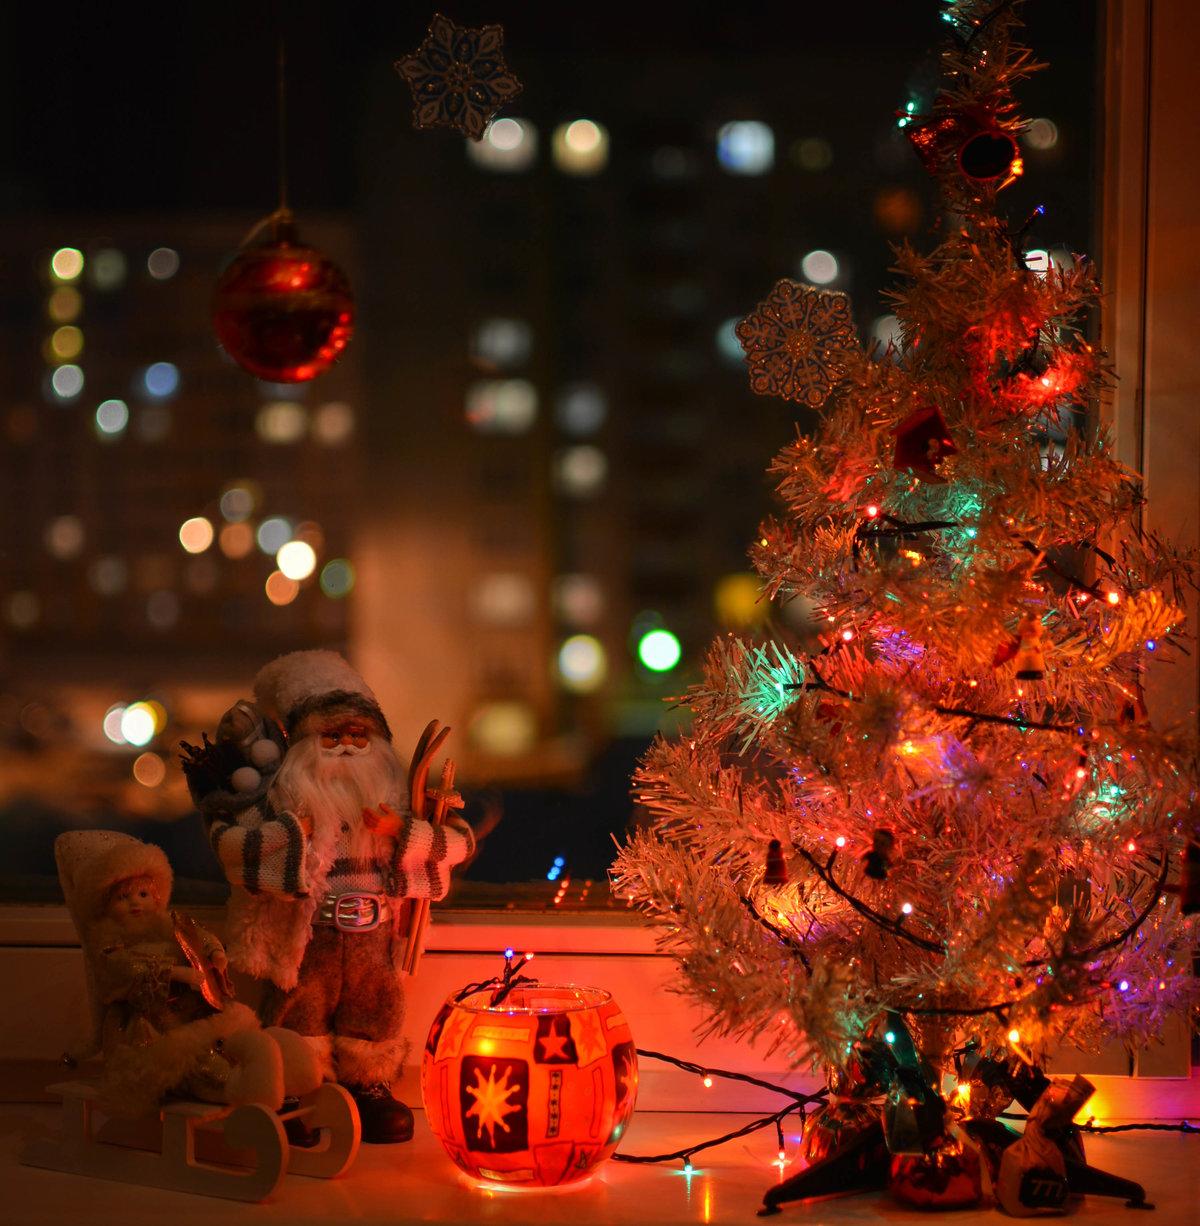 в ожидании нового года картинки людей морозить